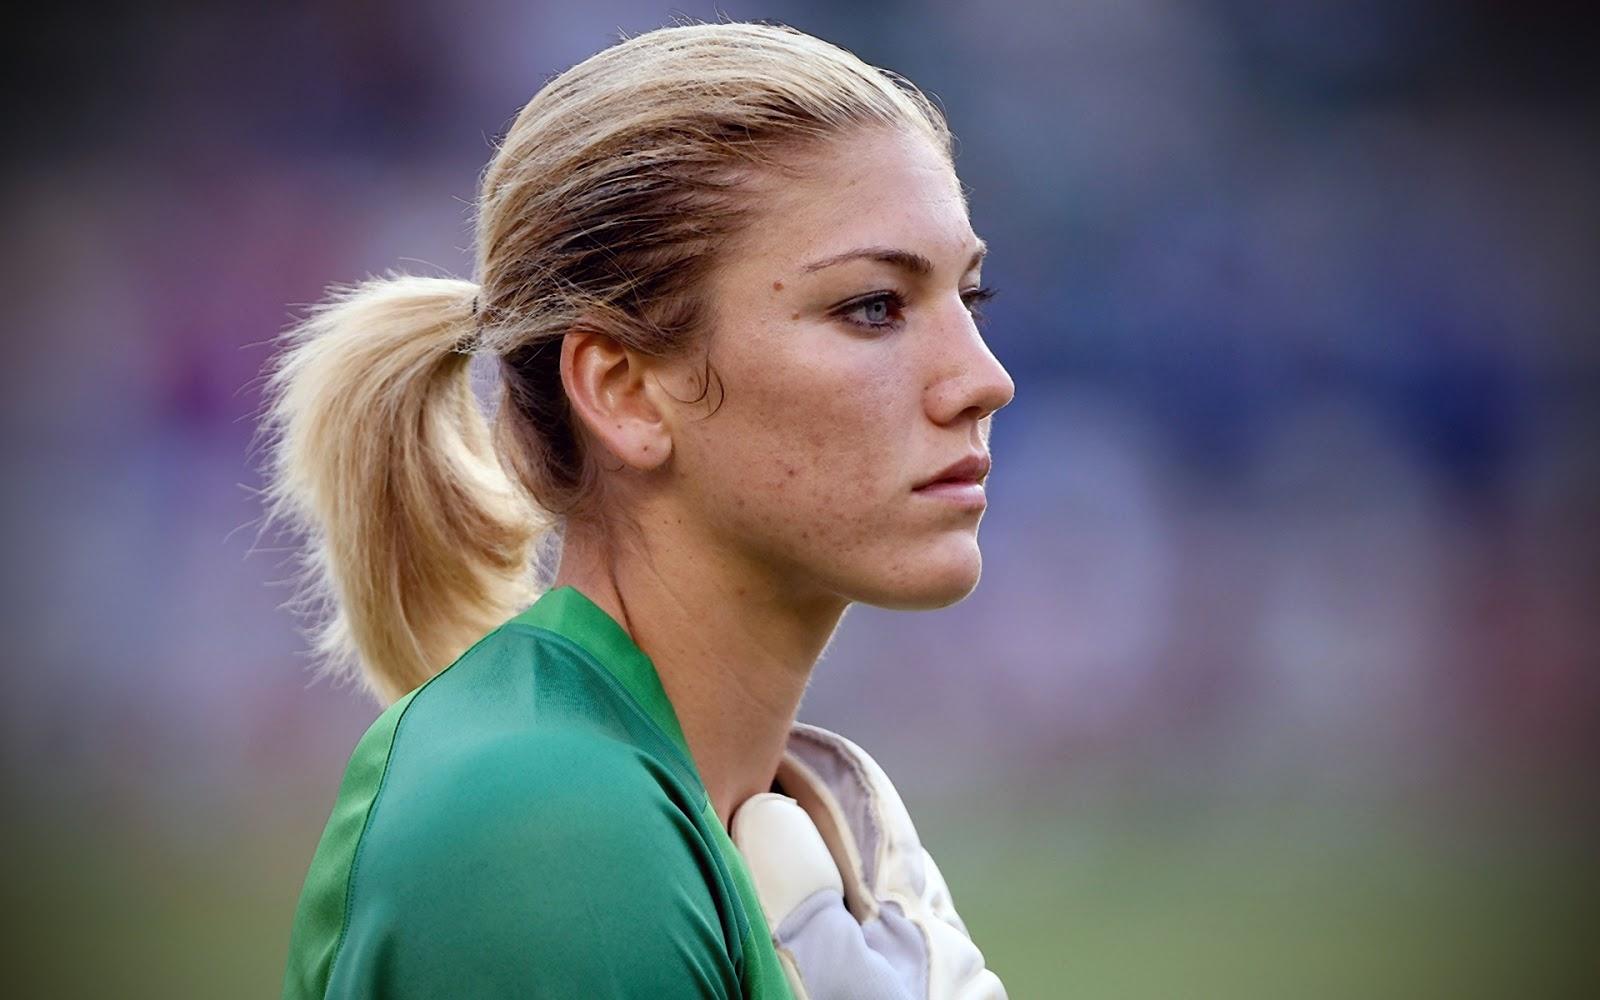 Olympics: U.S. women win gold medal in soccer - Sports